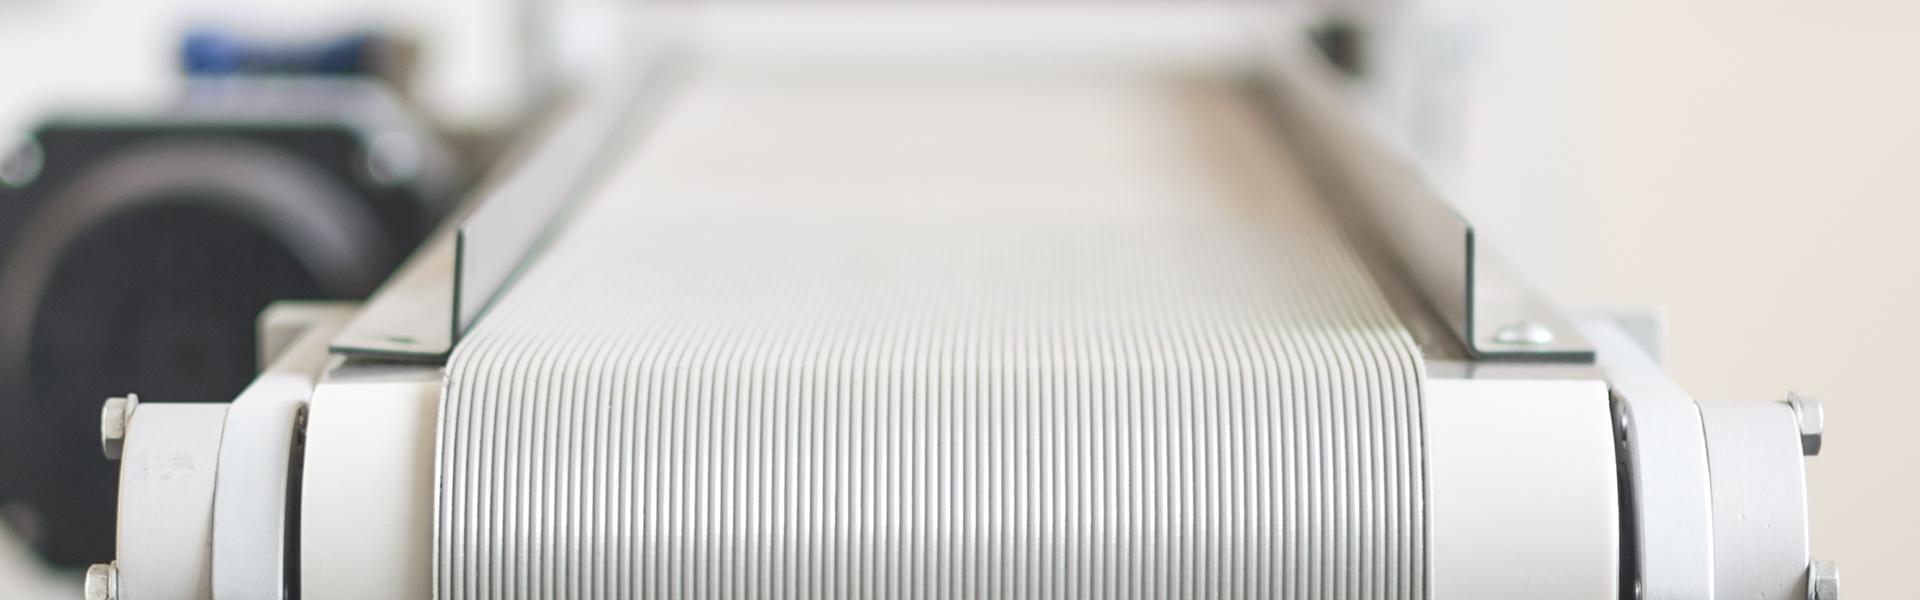 Un tappeto di colore bianco di un nastro trasportatore